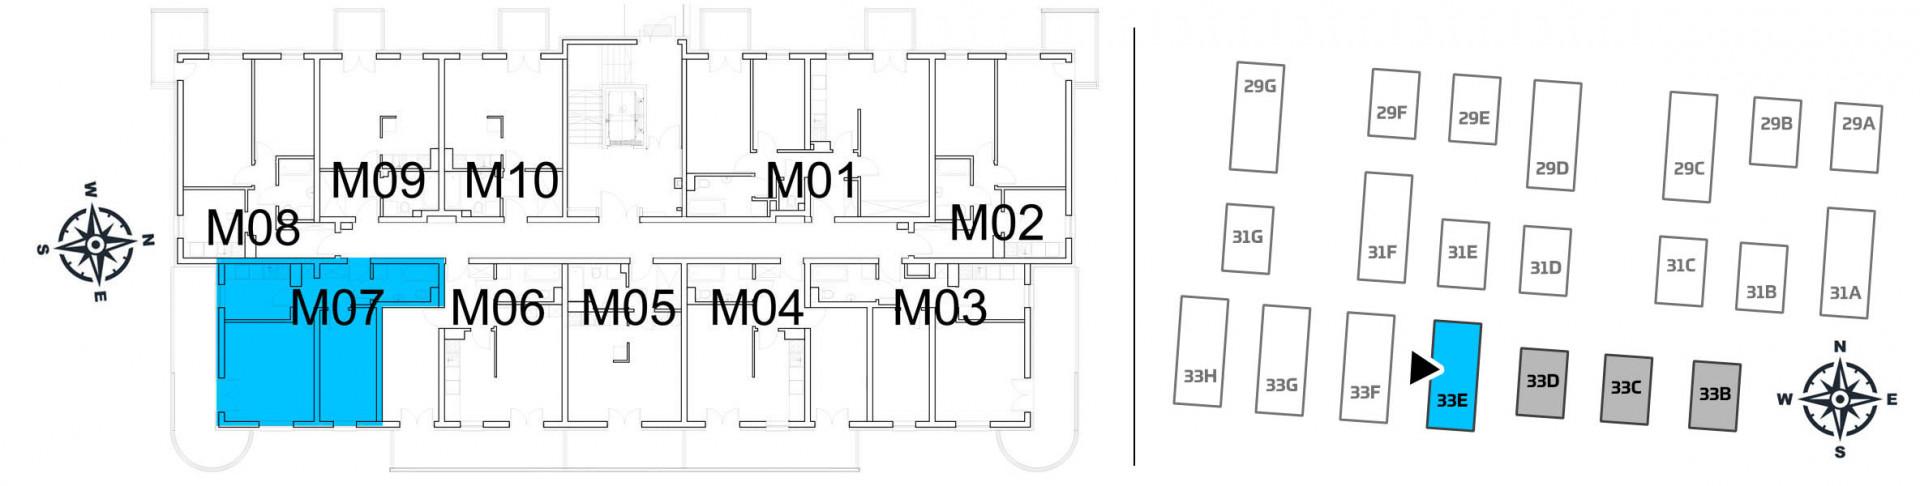 Mieszkanie dwupokojowe 33E/7 rzut 2